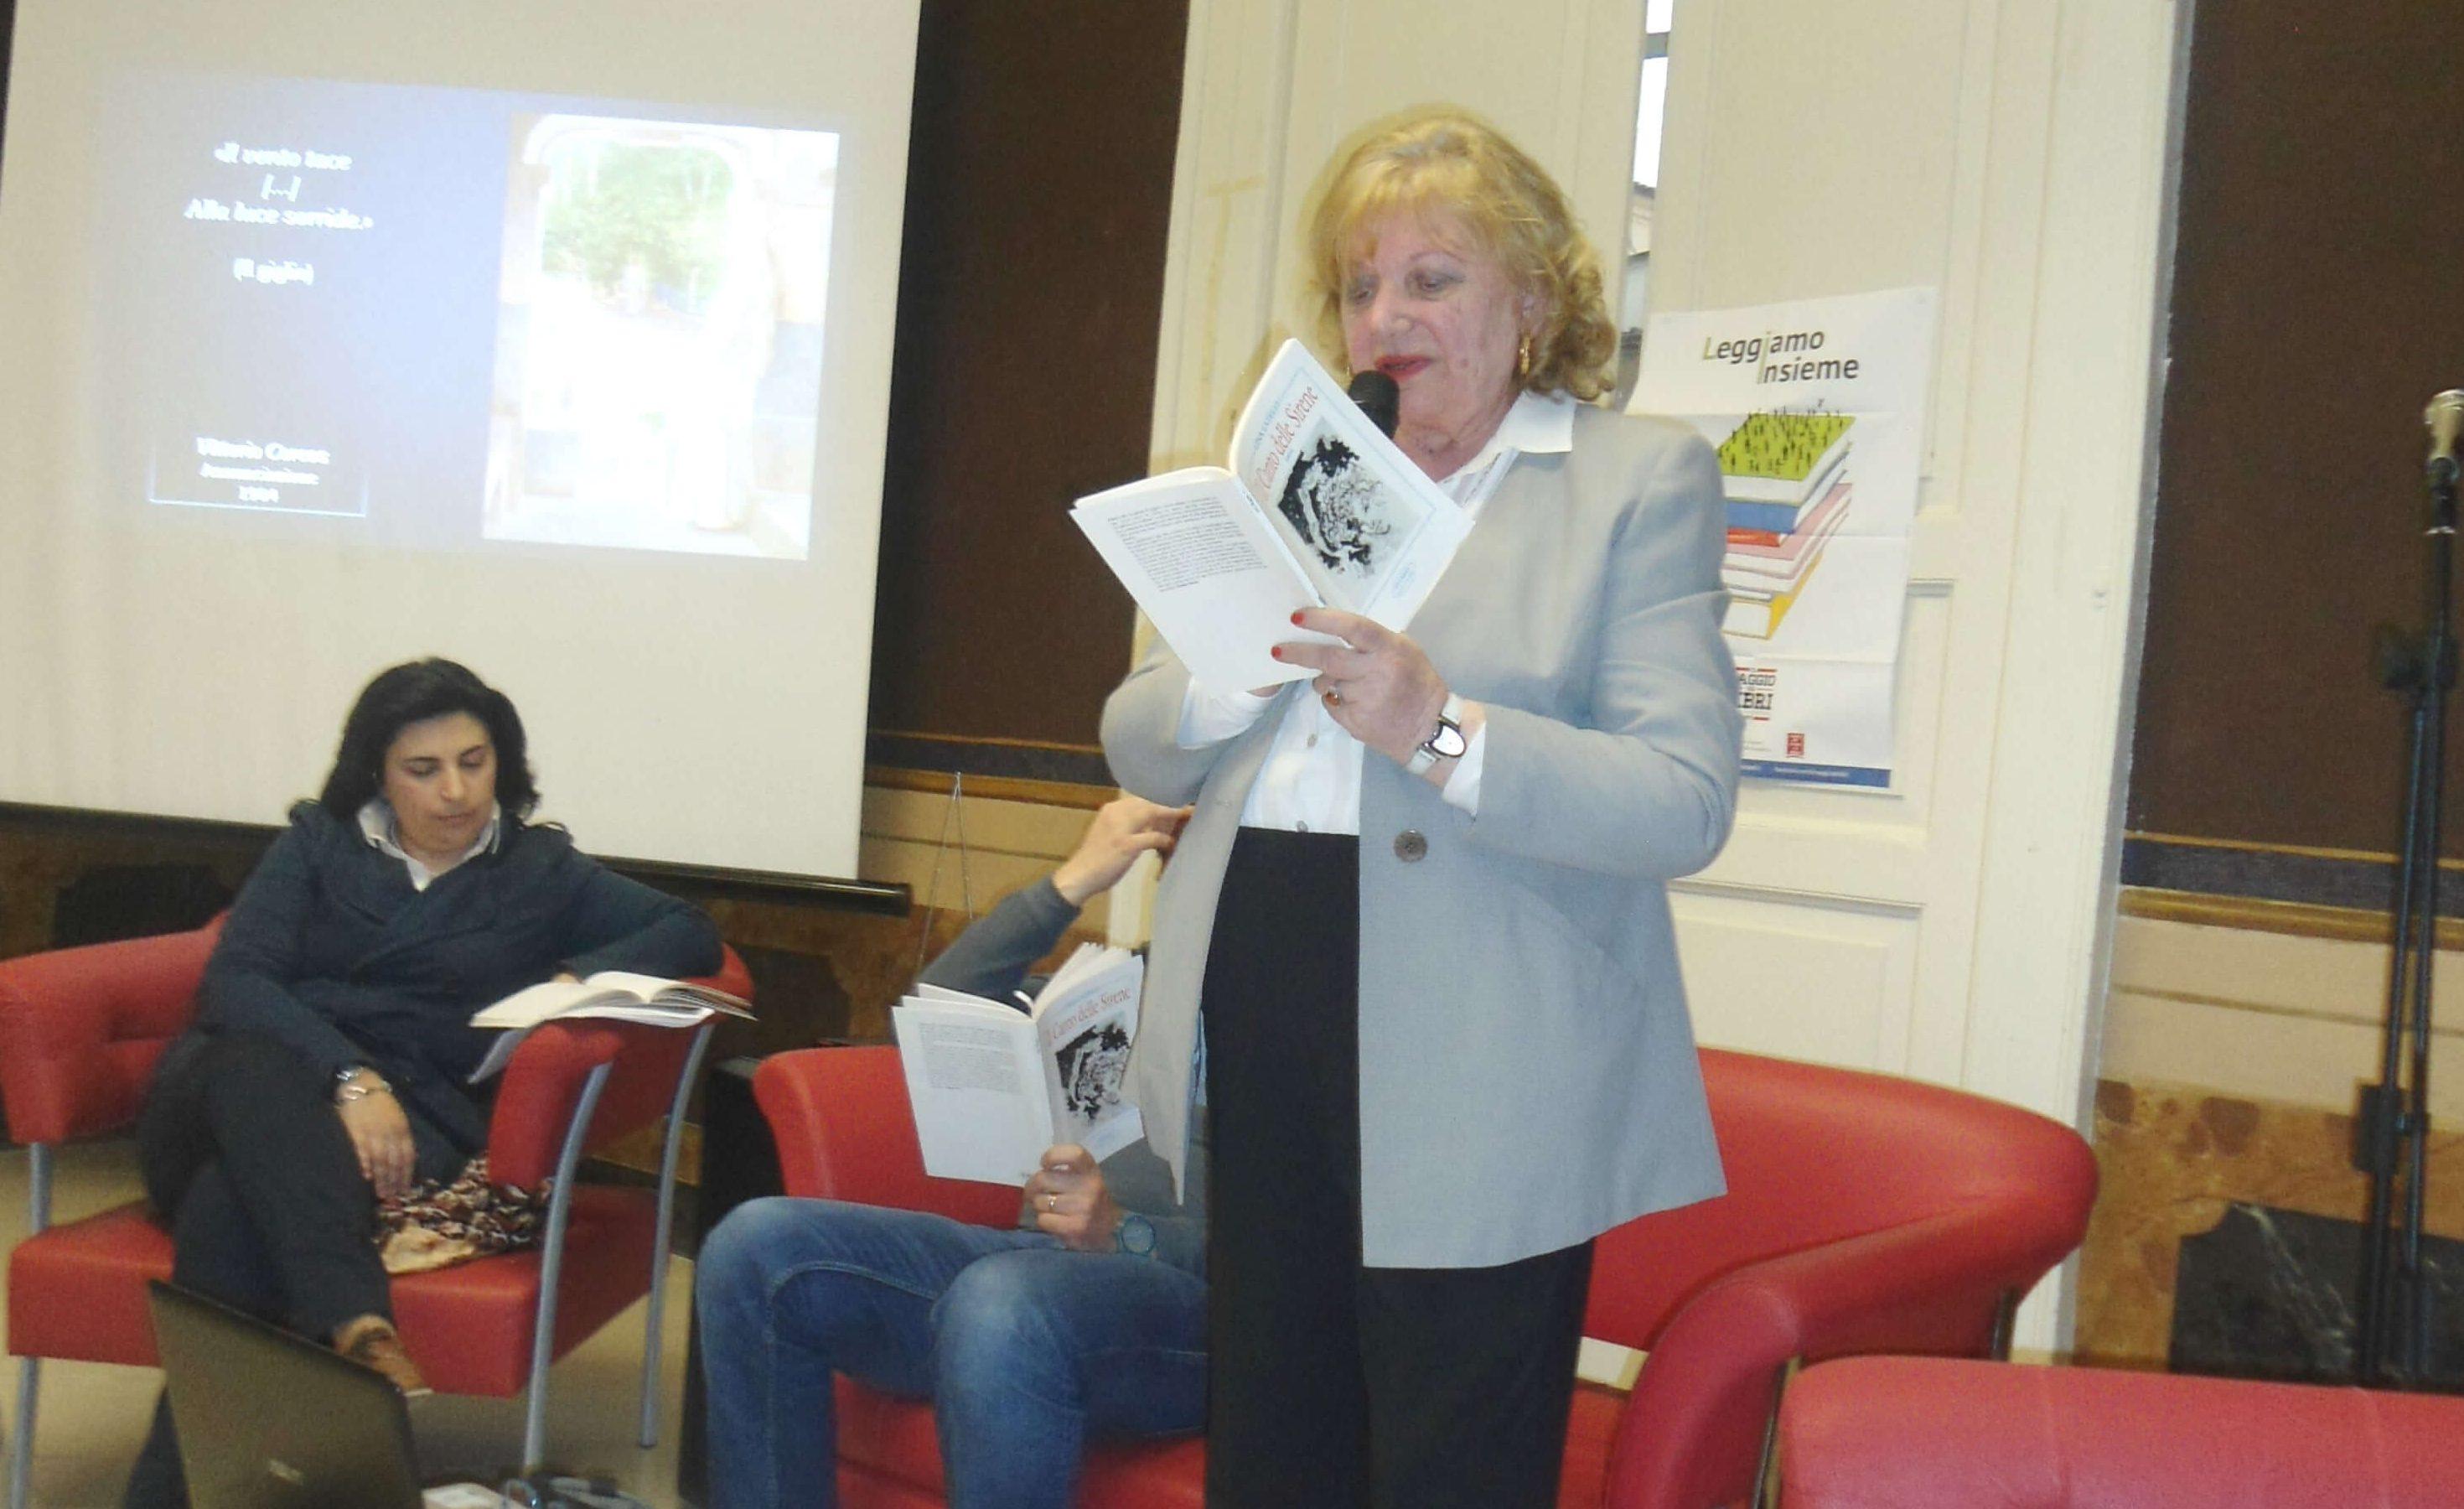 Miriam Guzzi e Lina Latelli Nucifero - LameziaTermeit